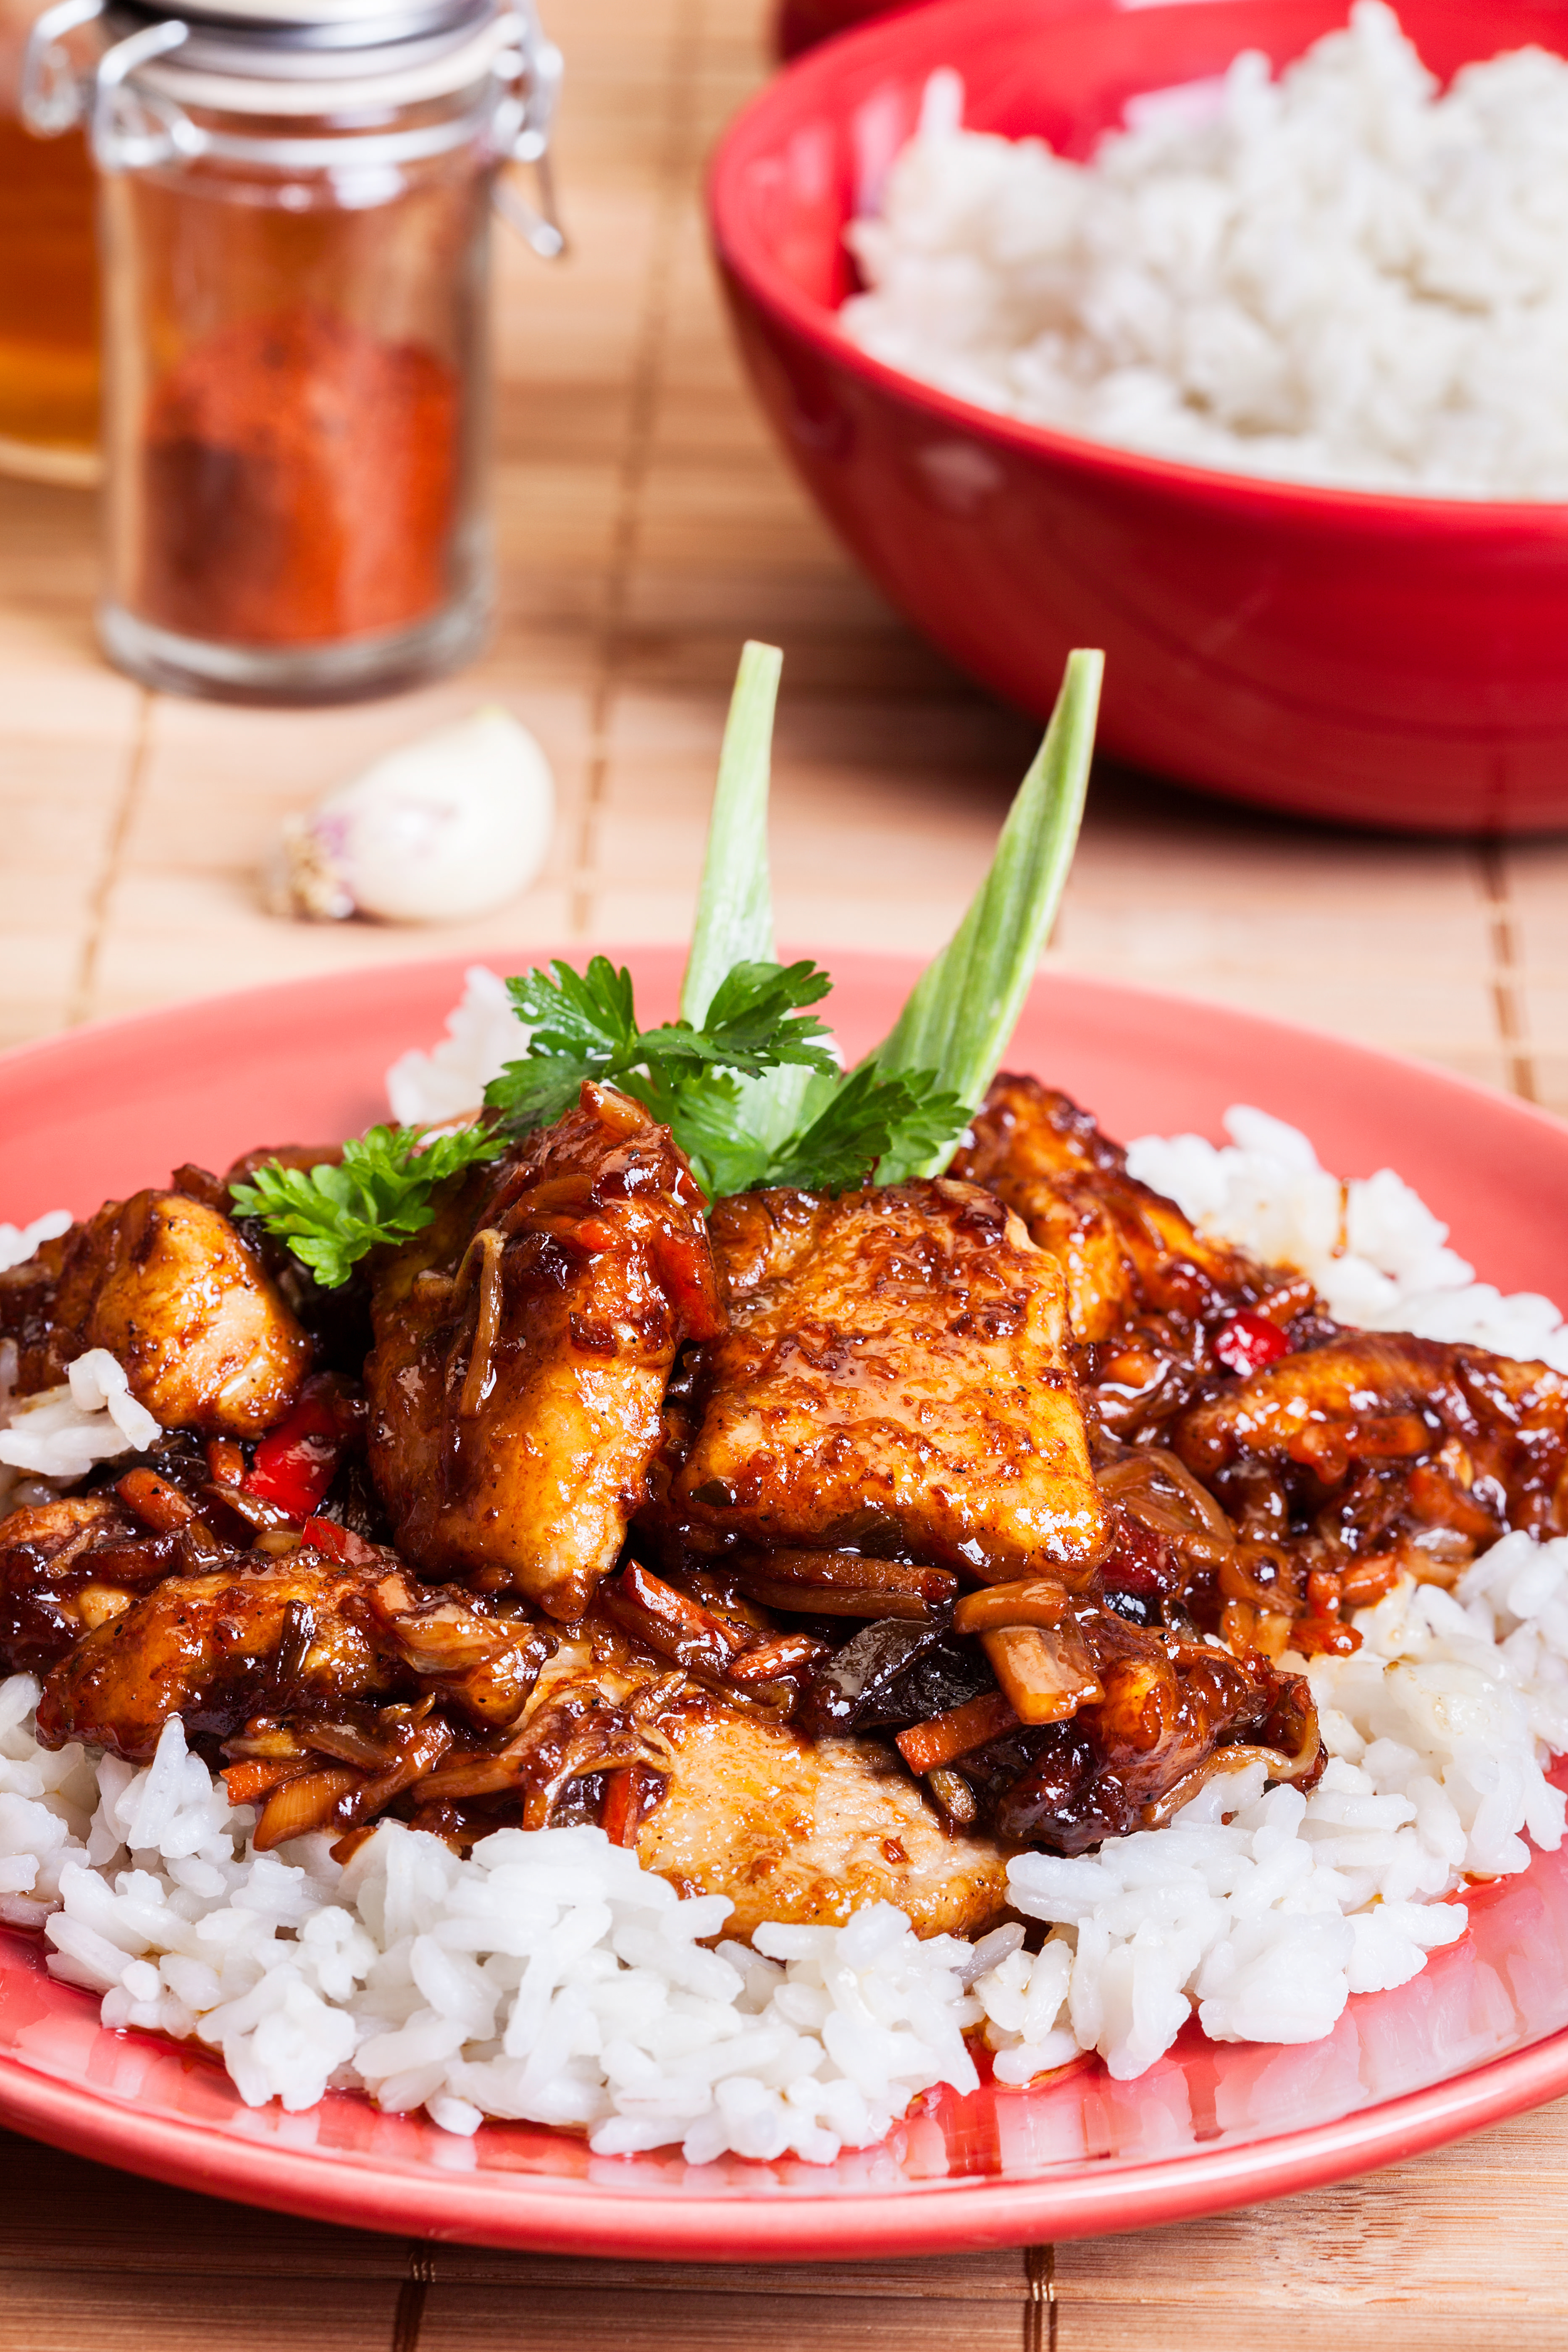 Porc la sauce aigre douce un grand classique de la cuisine chinoise une recette d paysante les - Grand classique cuisine francaise ...